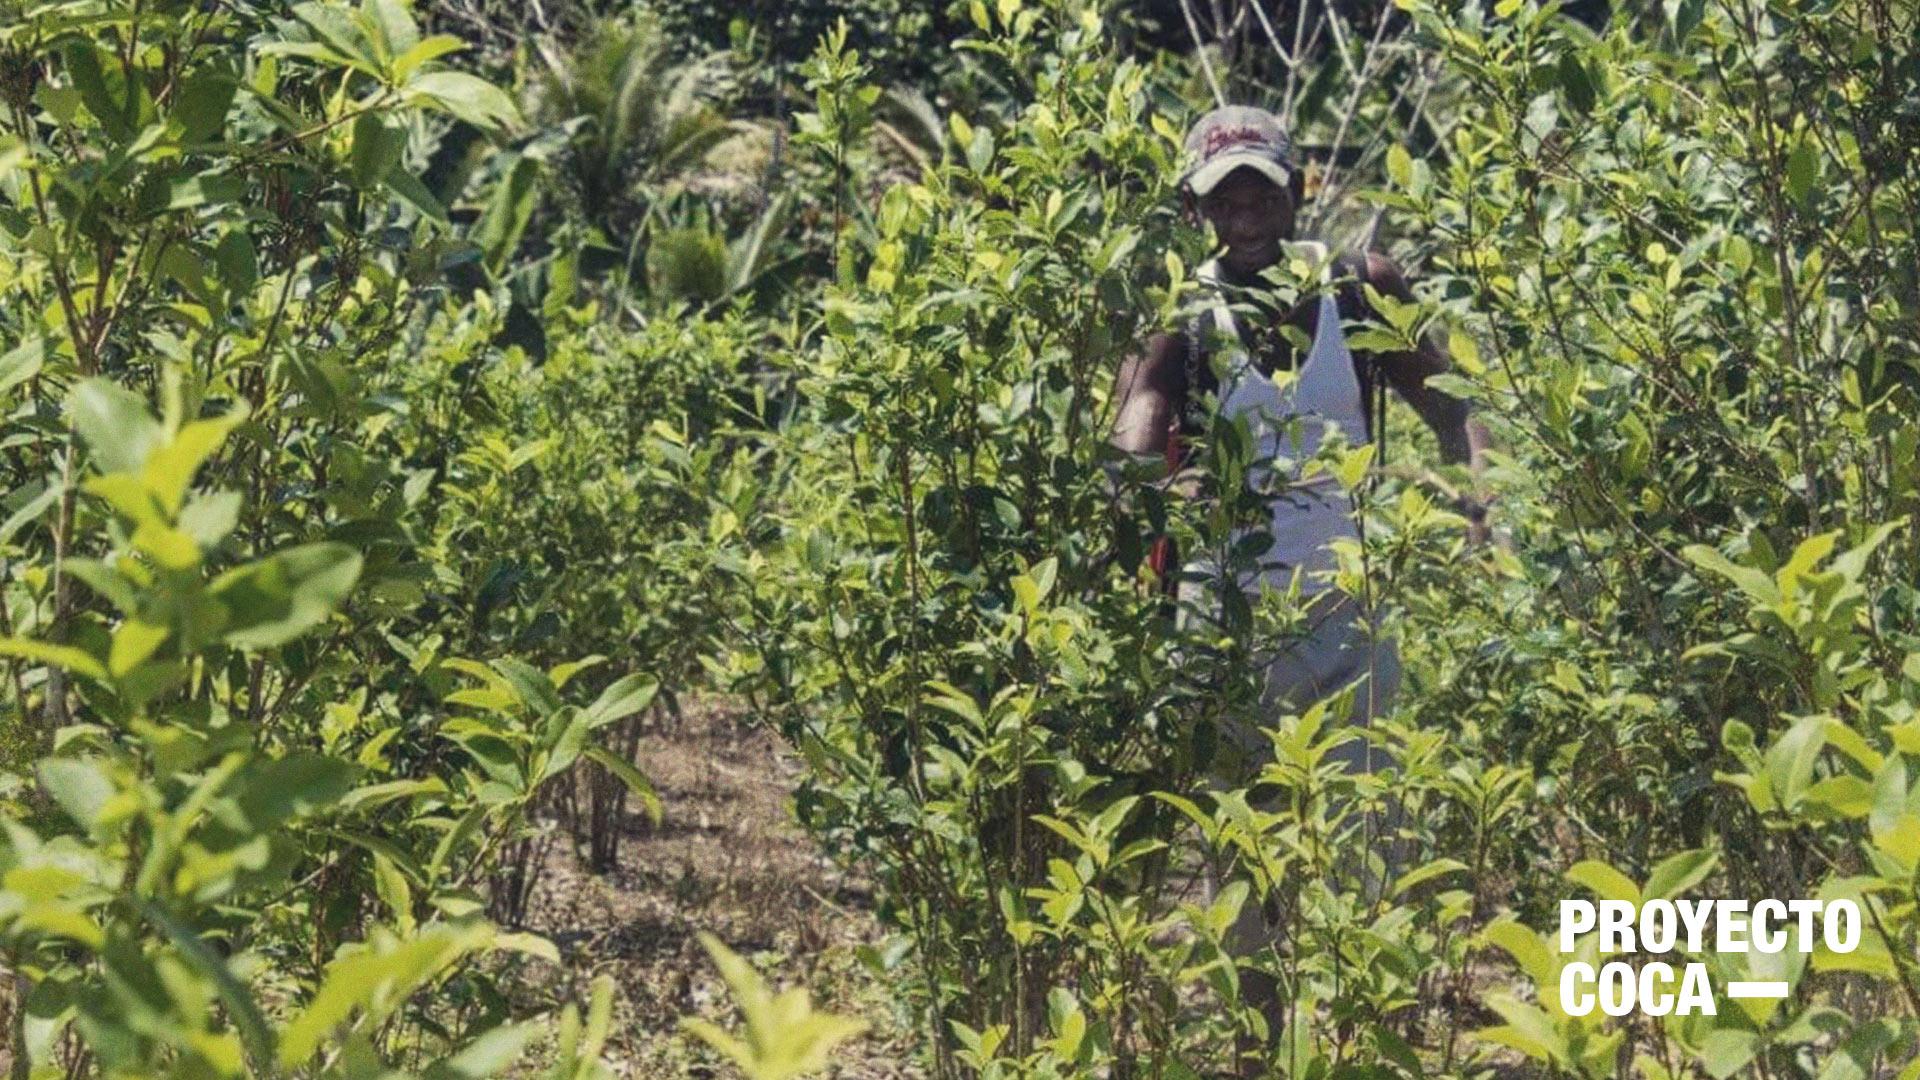 Esta es la resistencia de los campesinos que le apuestan a la sustitución de la coca